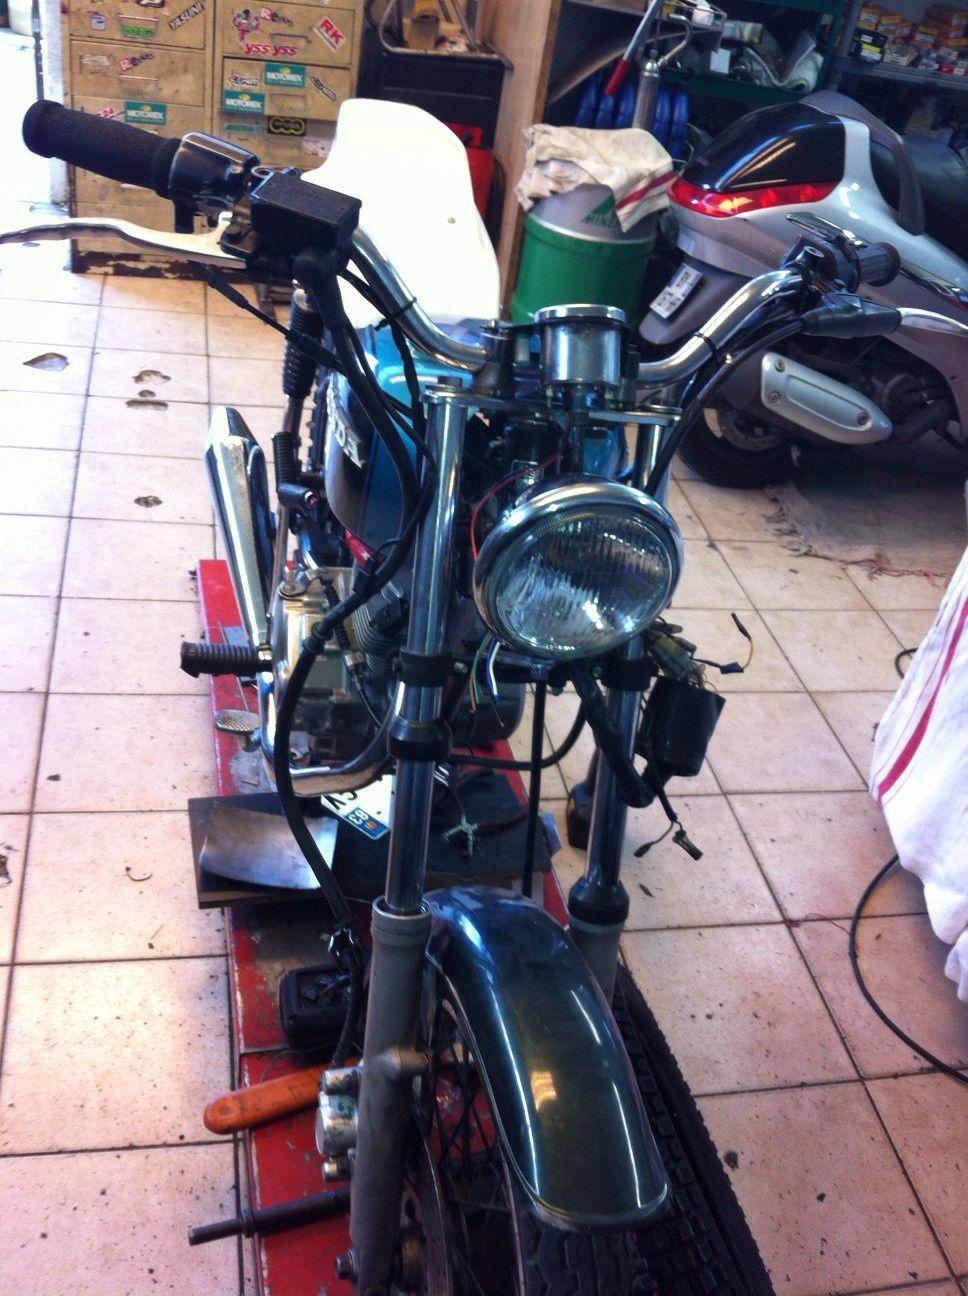 CG 125 Minor Kustom Co. staiile Ob_f56bd43979b7ca194ca931b6f7cc552b_cg-125-3